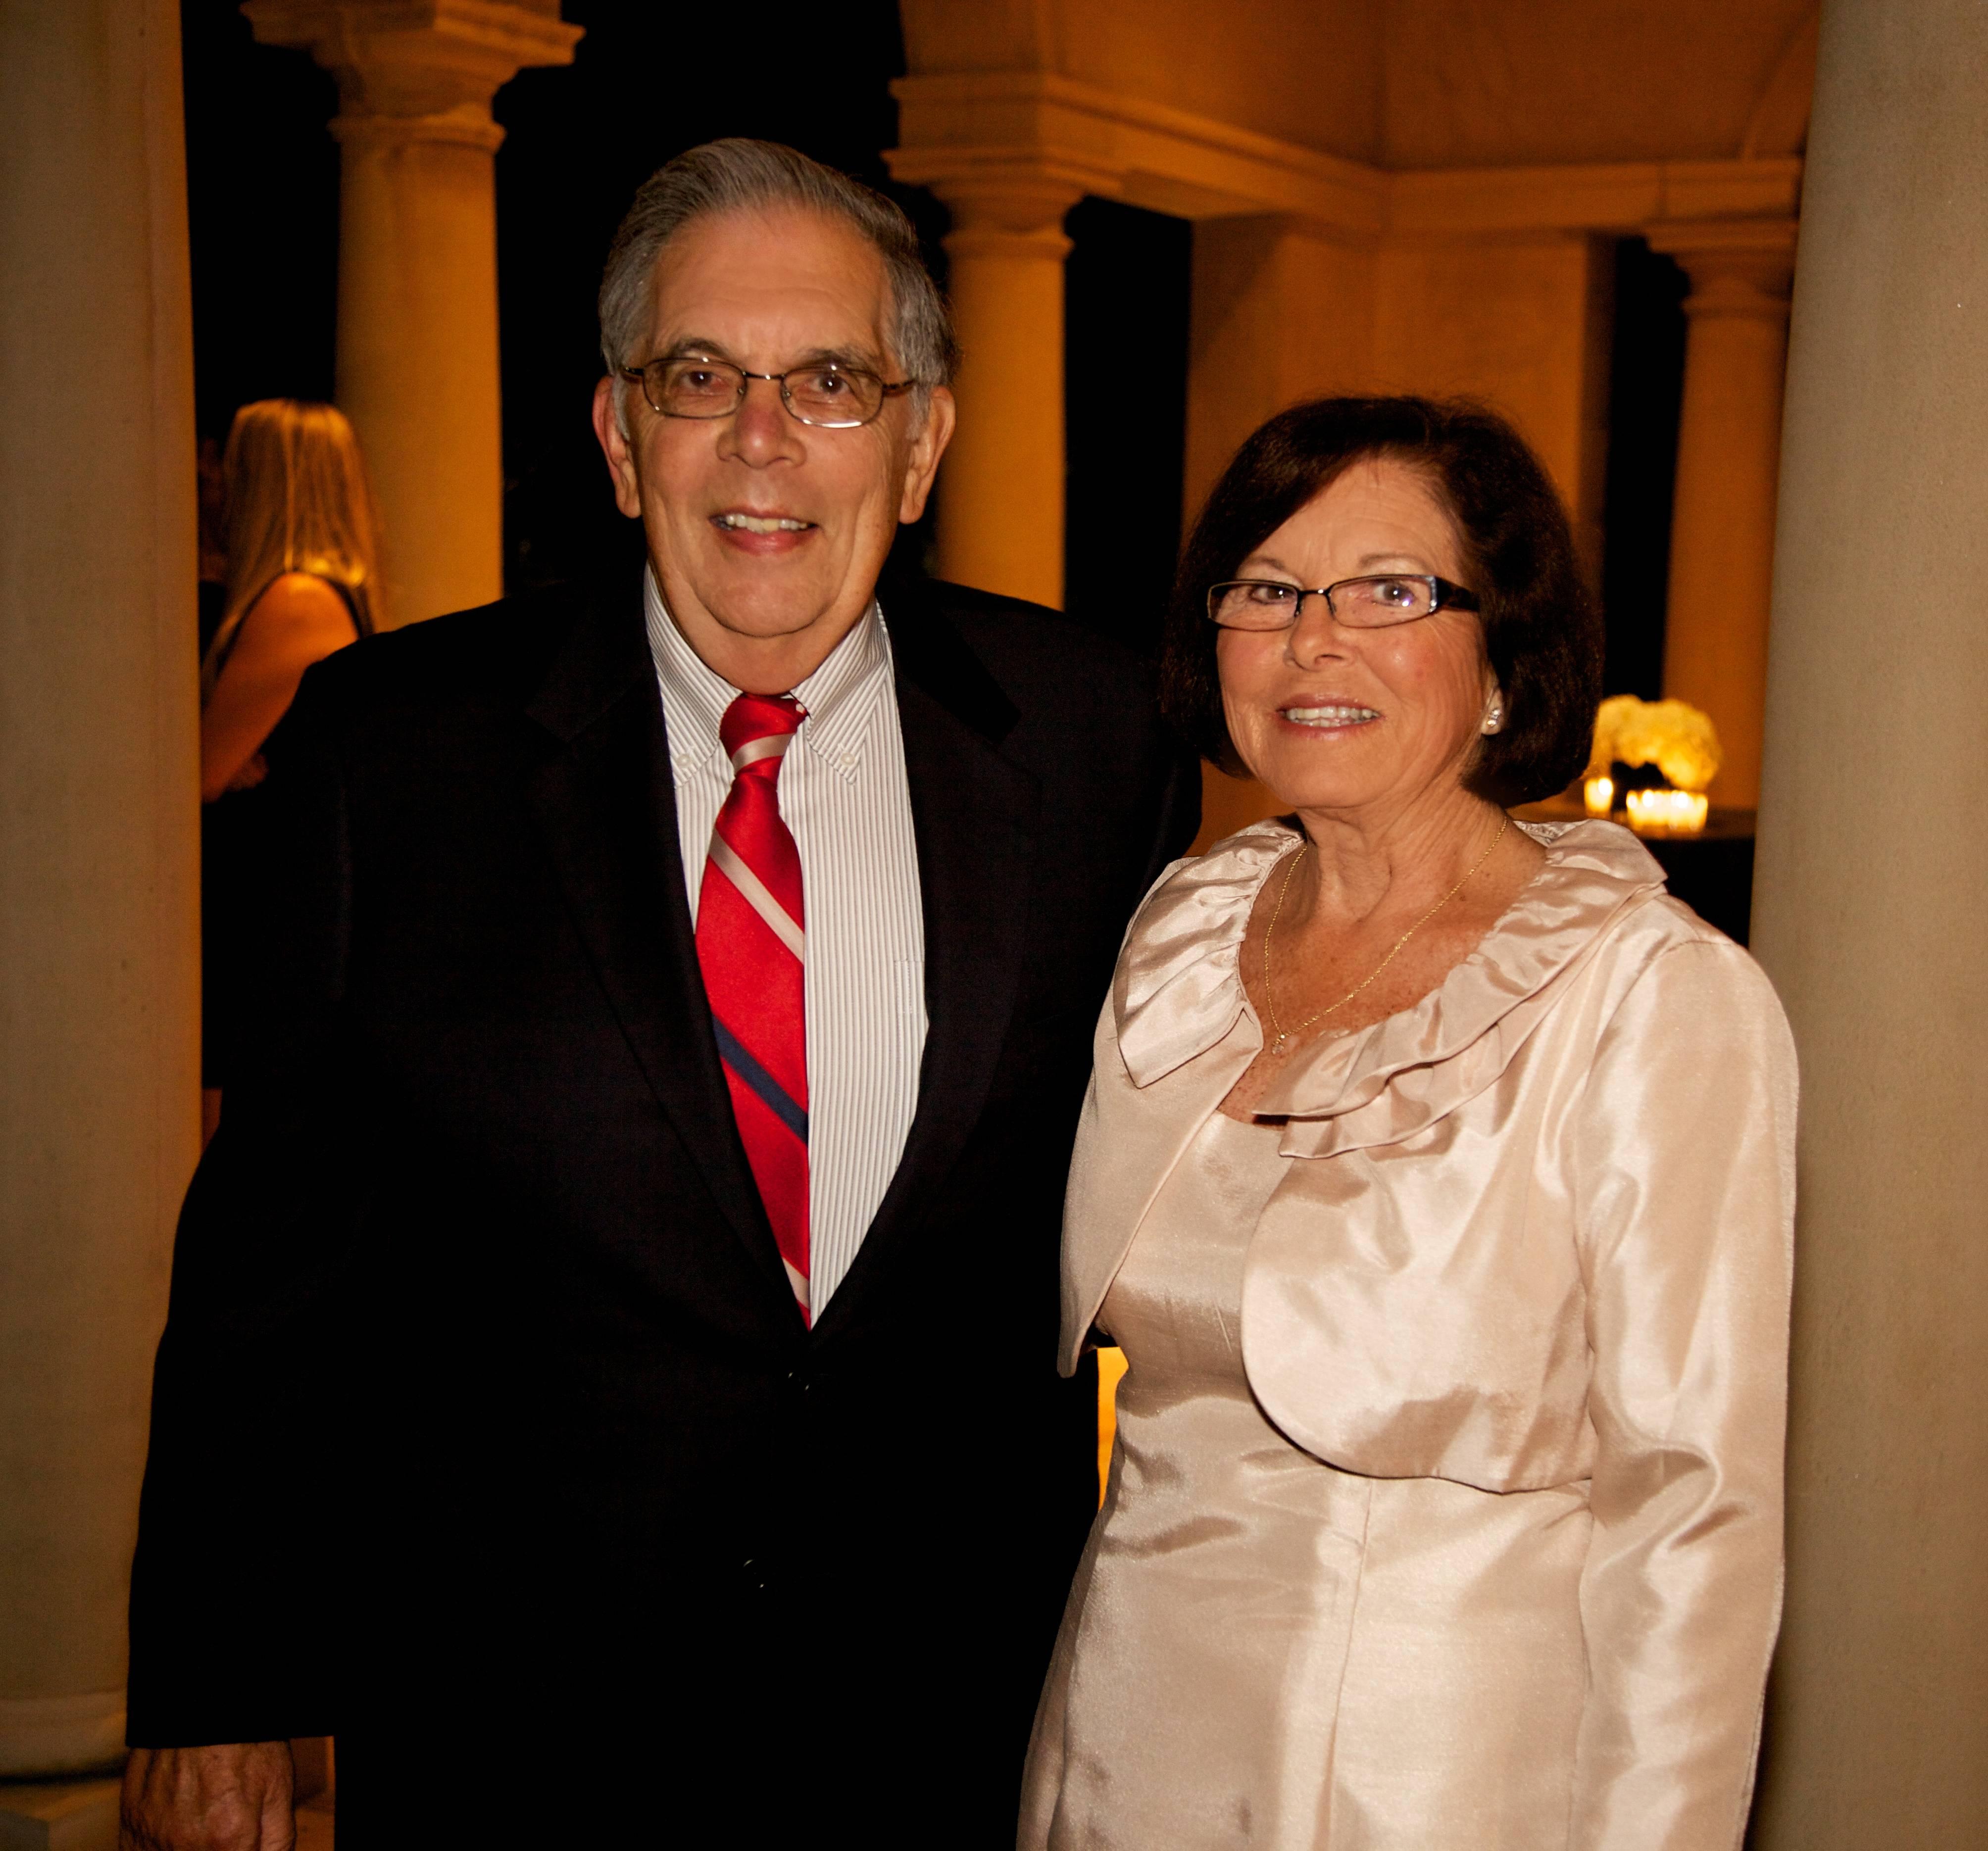 Joe & Marilyn Schoeningh